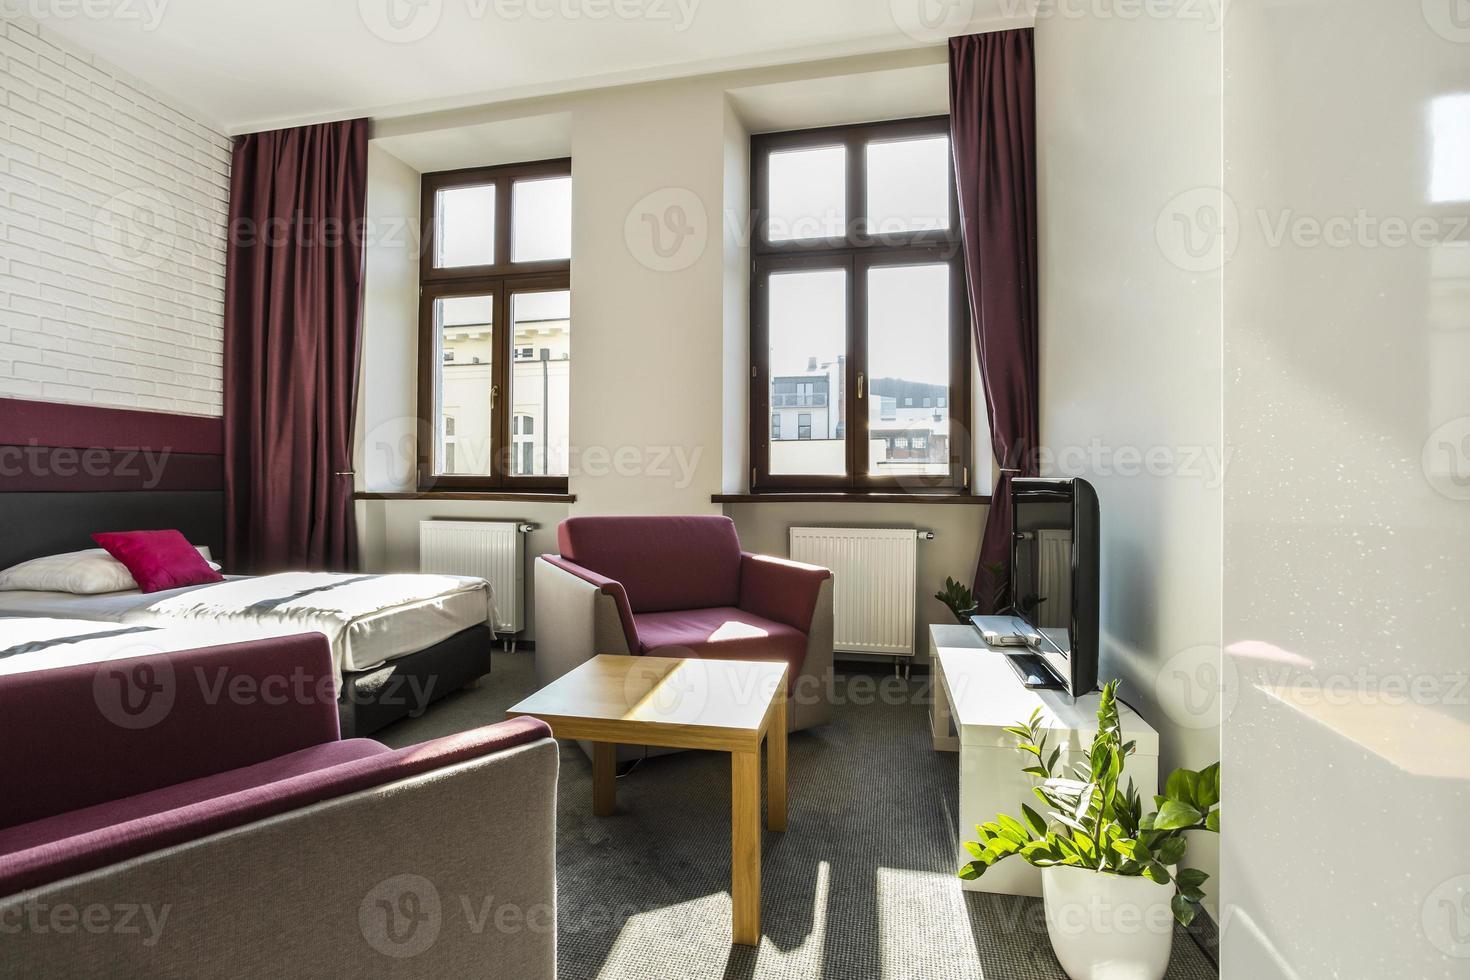 chambre d'hôtel moderne avec thème violet photo